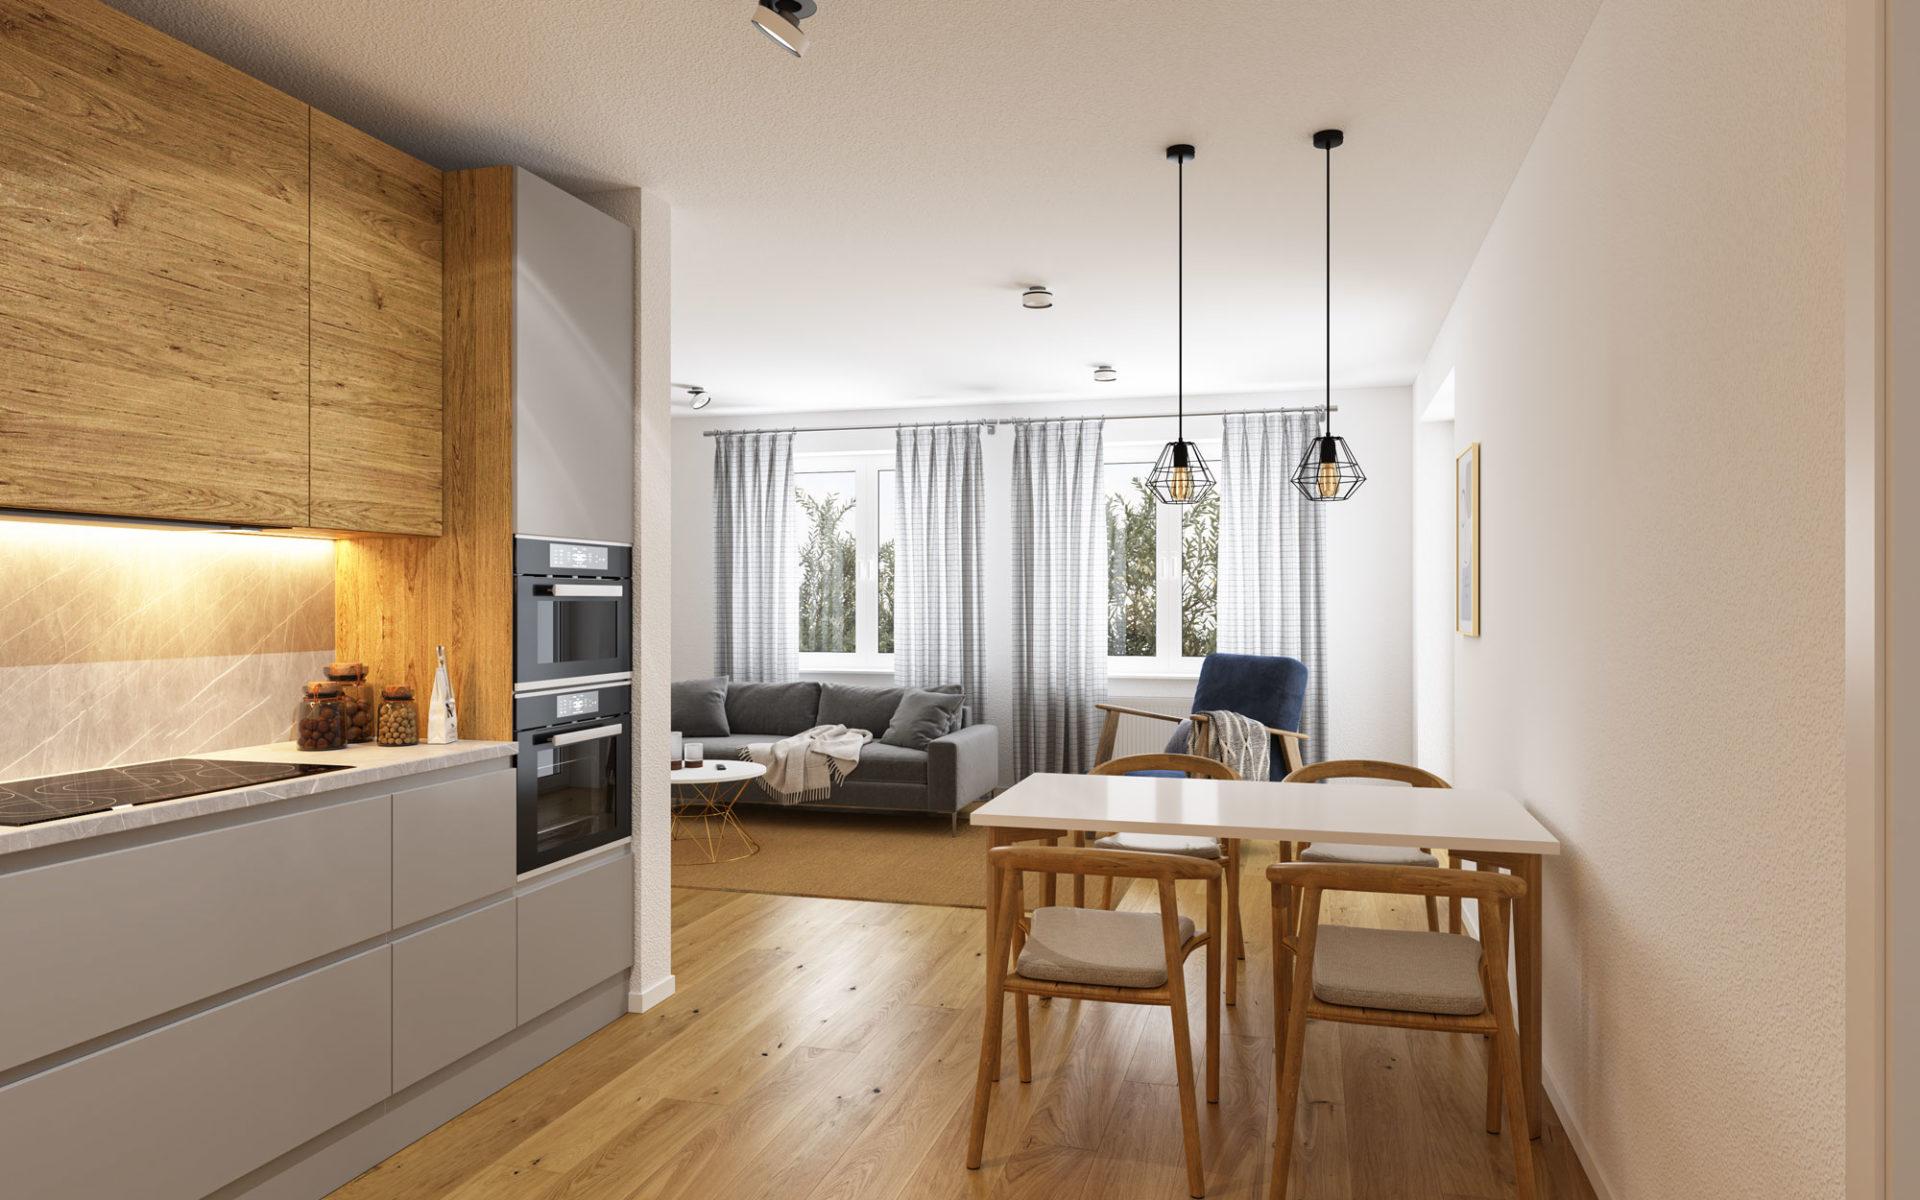 Küche Esszimmer 3D Visualisierung Innenraum